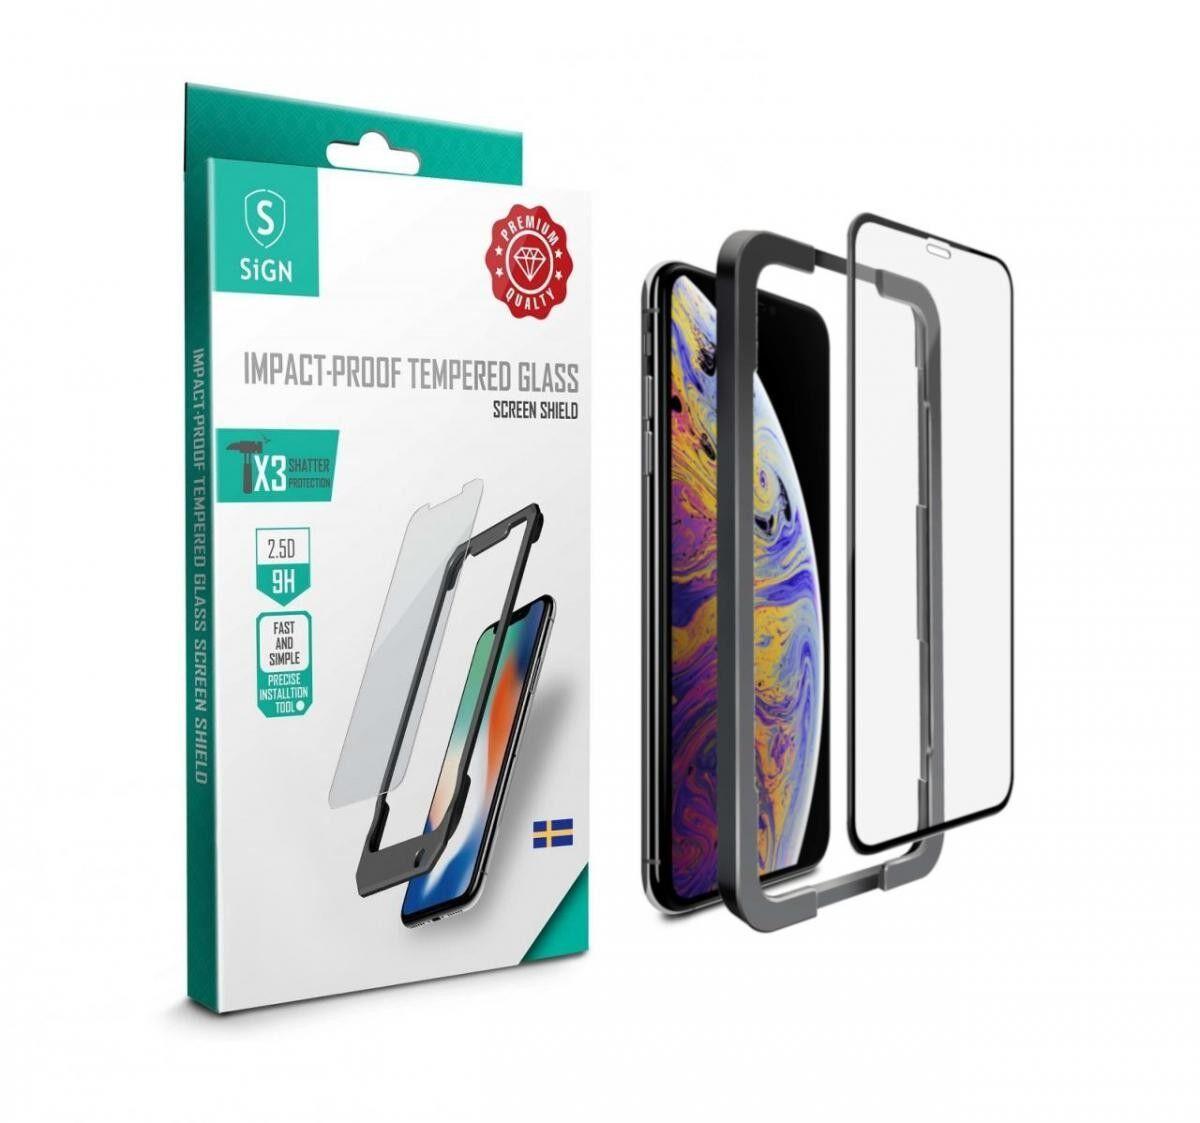 Apple Skärmskydd i härdat glas för iPhone 11 Pro Max och XS Max